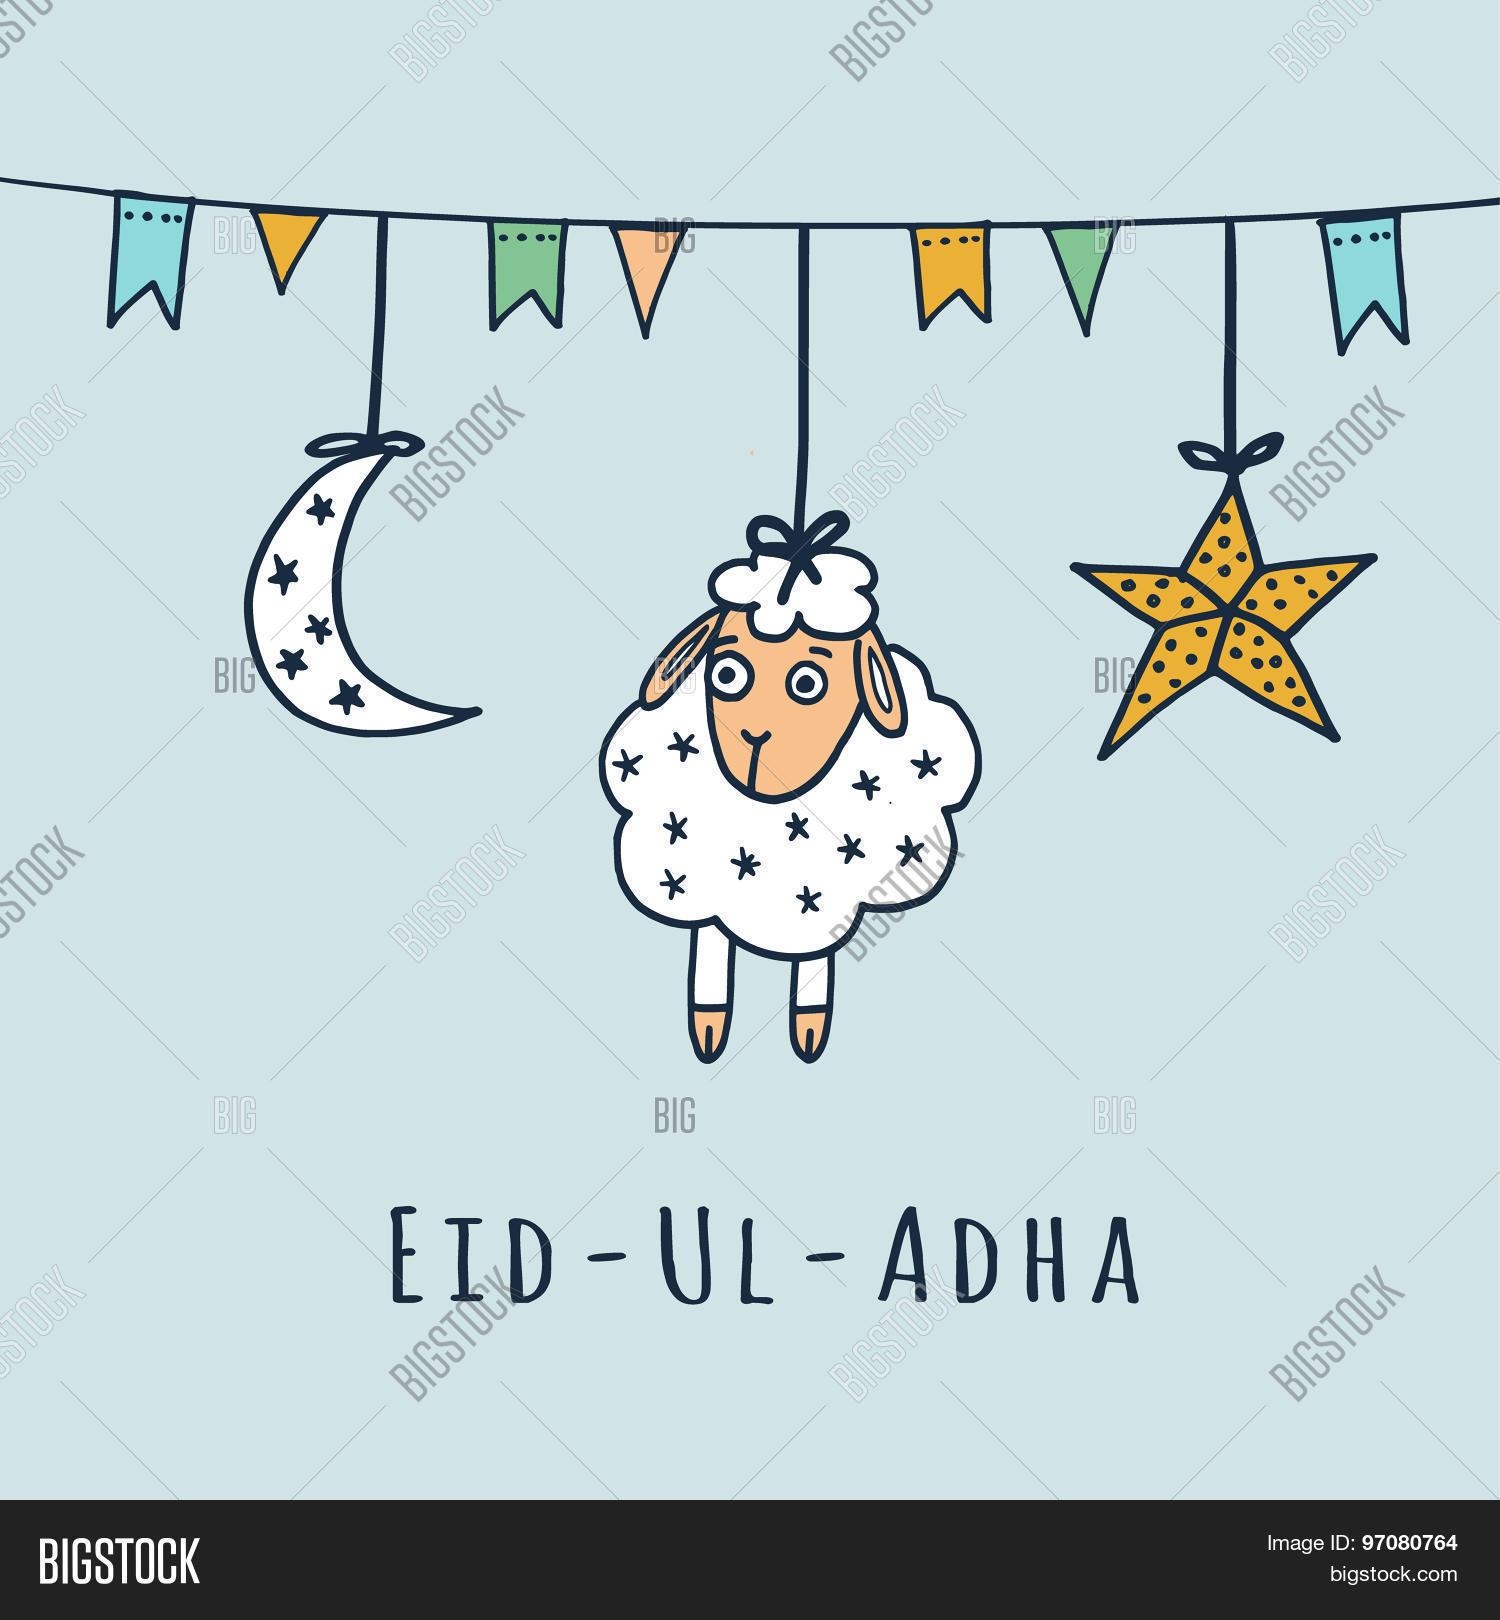 Eid ul adha greeting card sheep vector photo bigstock eid ul adha greeting card with sheep moon star vector kristyandbryce Images